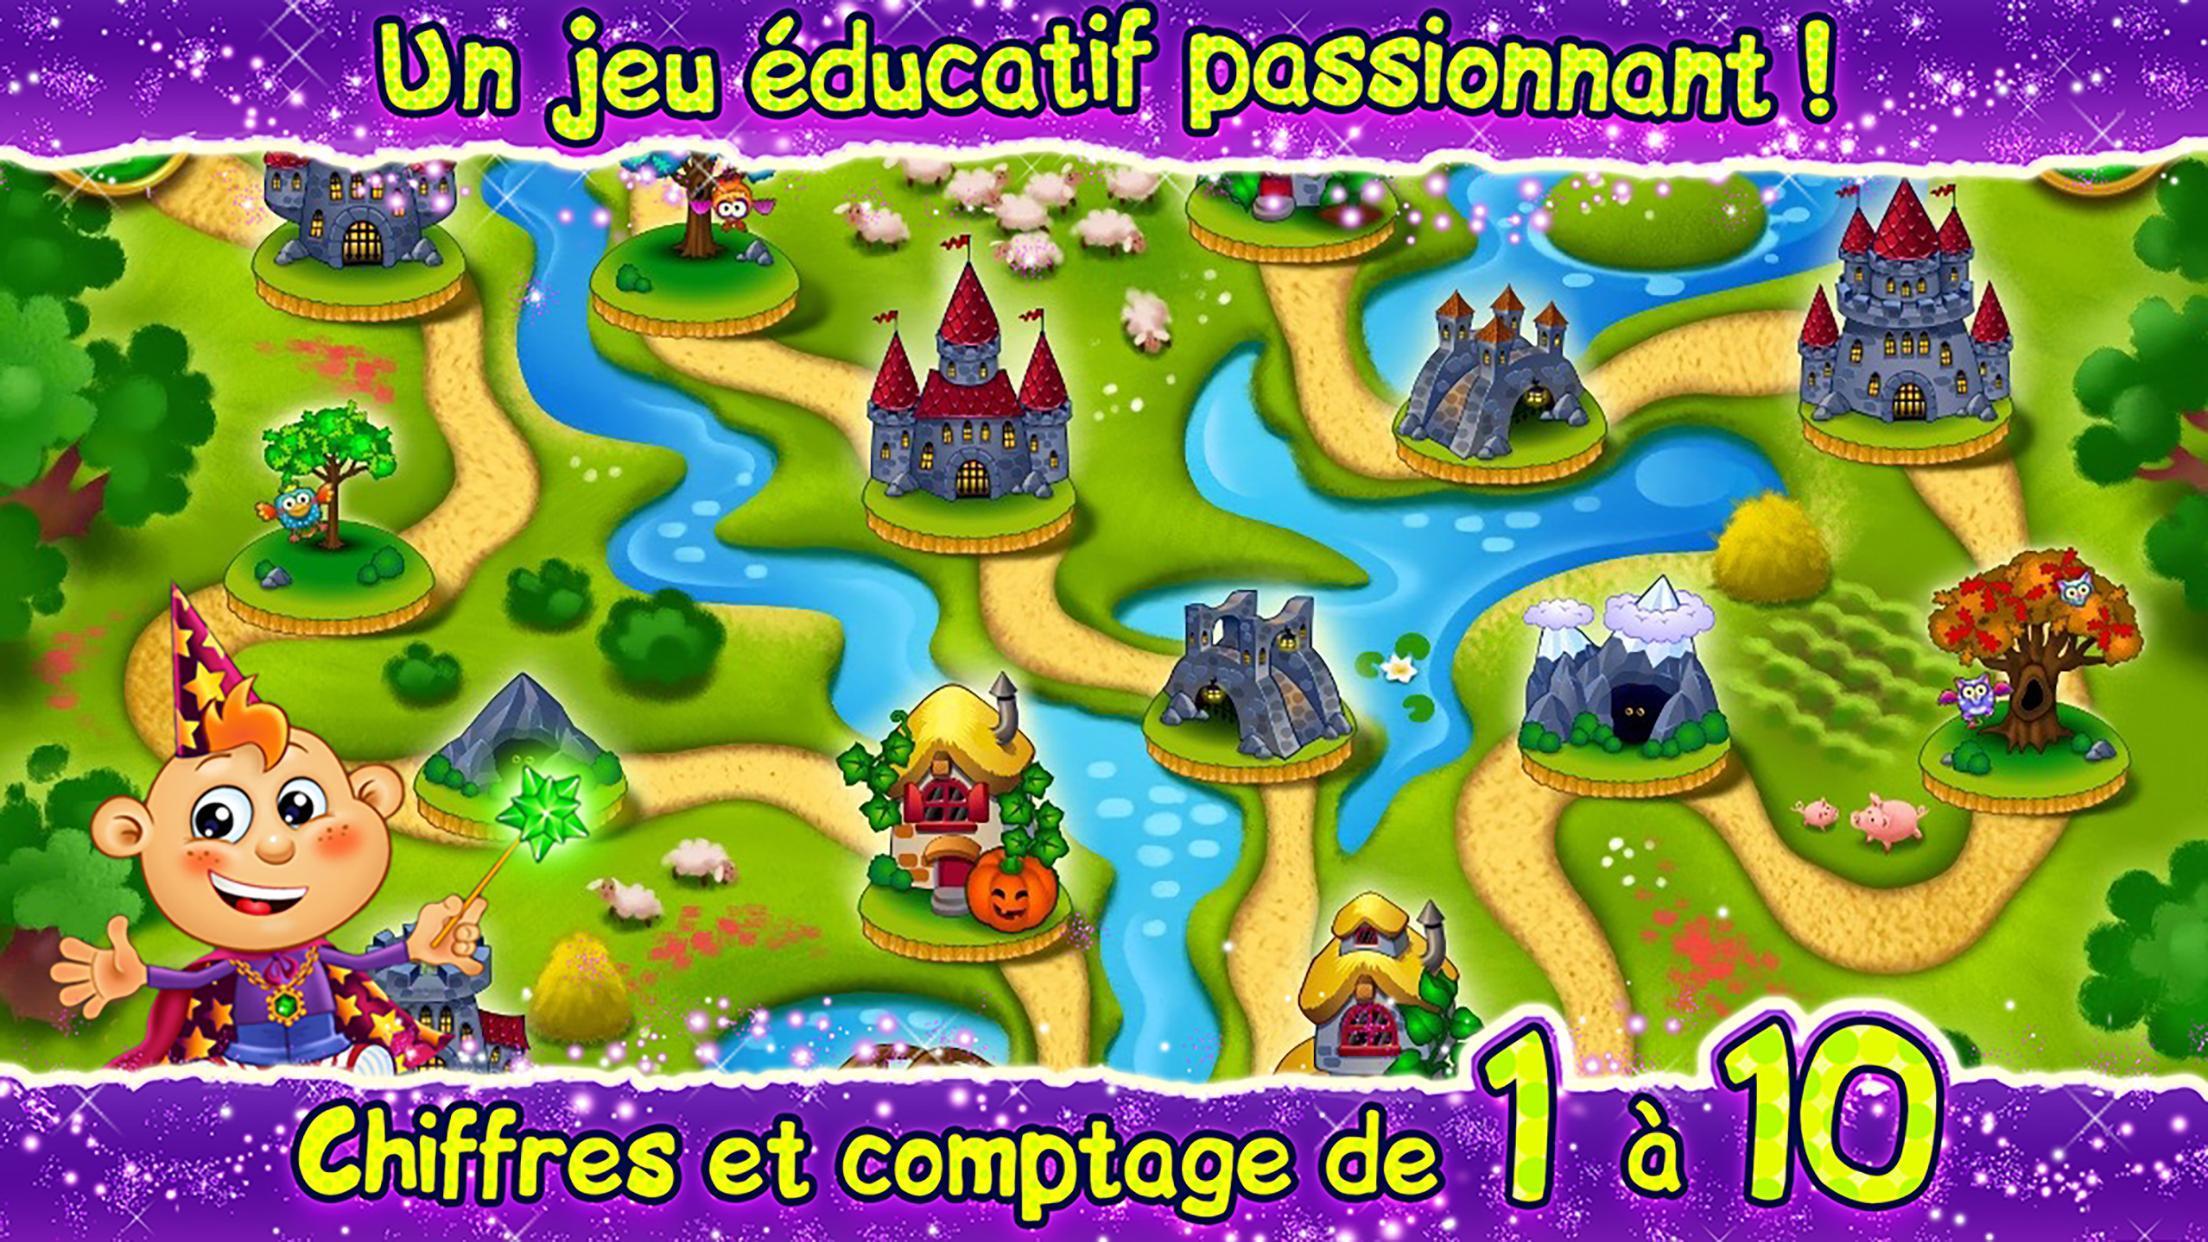 Comptage & amp;  Chiffres!  Jeux Pour Les Enfants 2 3 Ans Pour tout Jeux Educatif 3 Ans